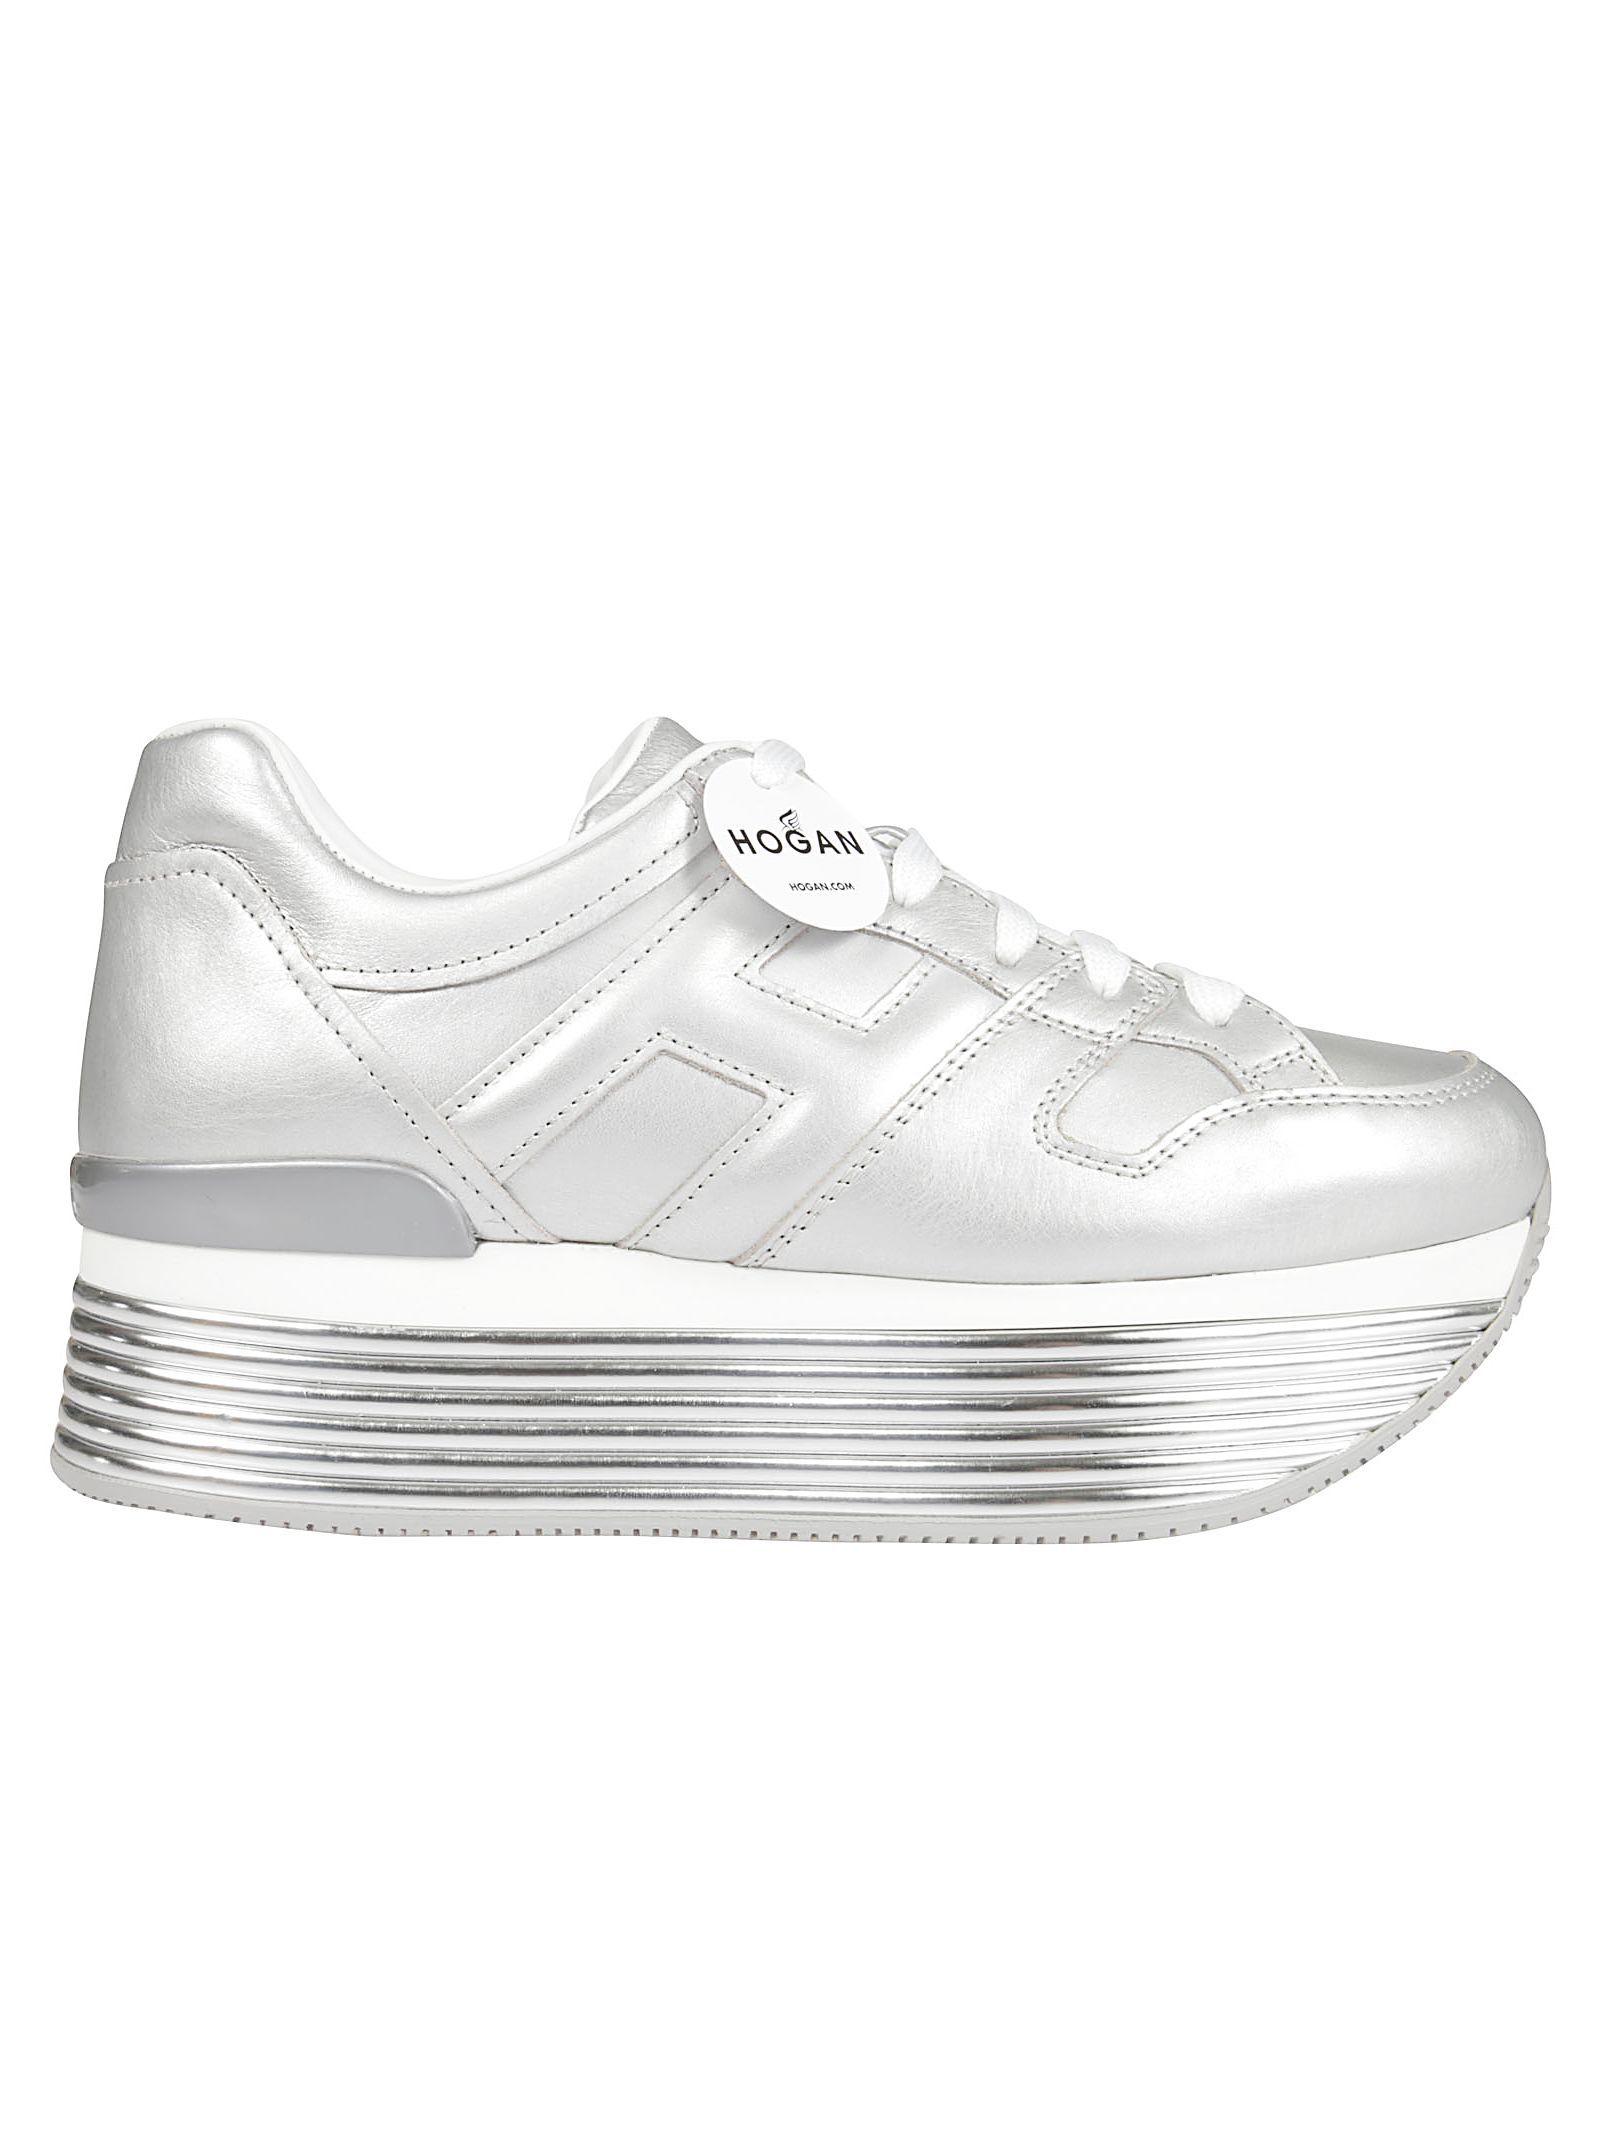 HOGAN | Hogan Hogan H352 Maxi Platform Sneakers #Shoes #Sneakers ...